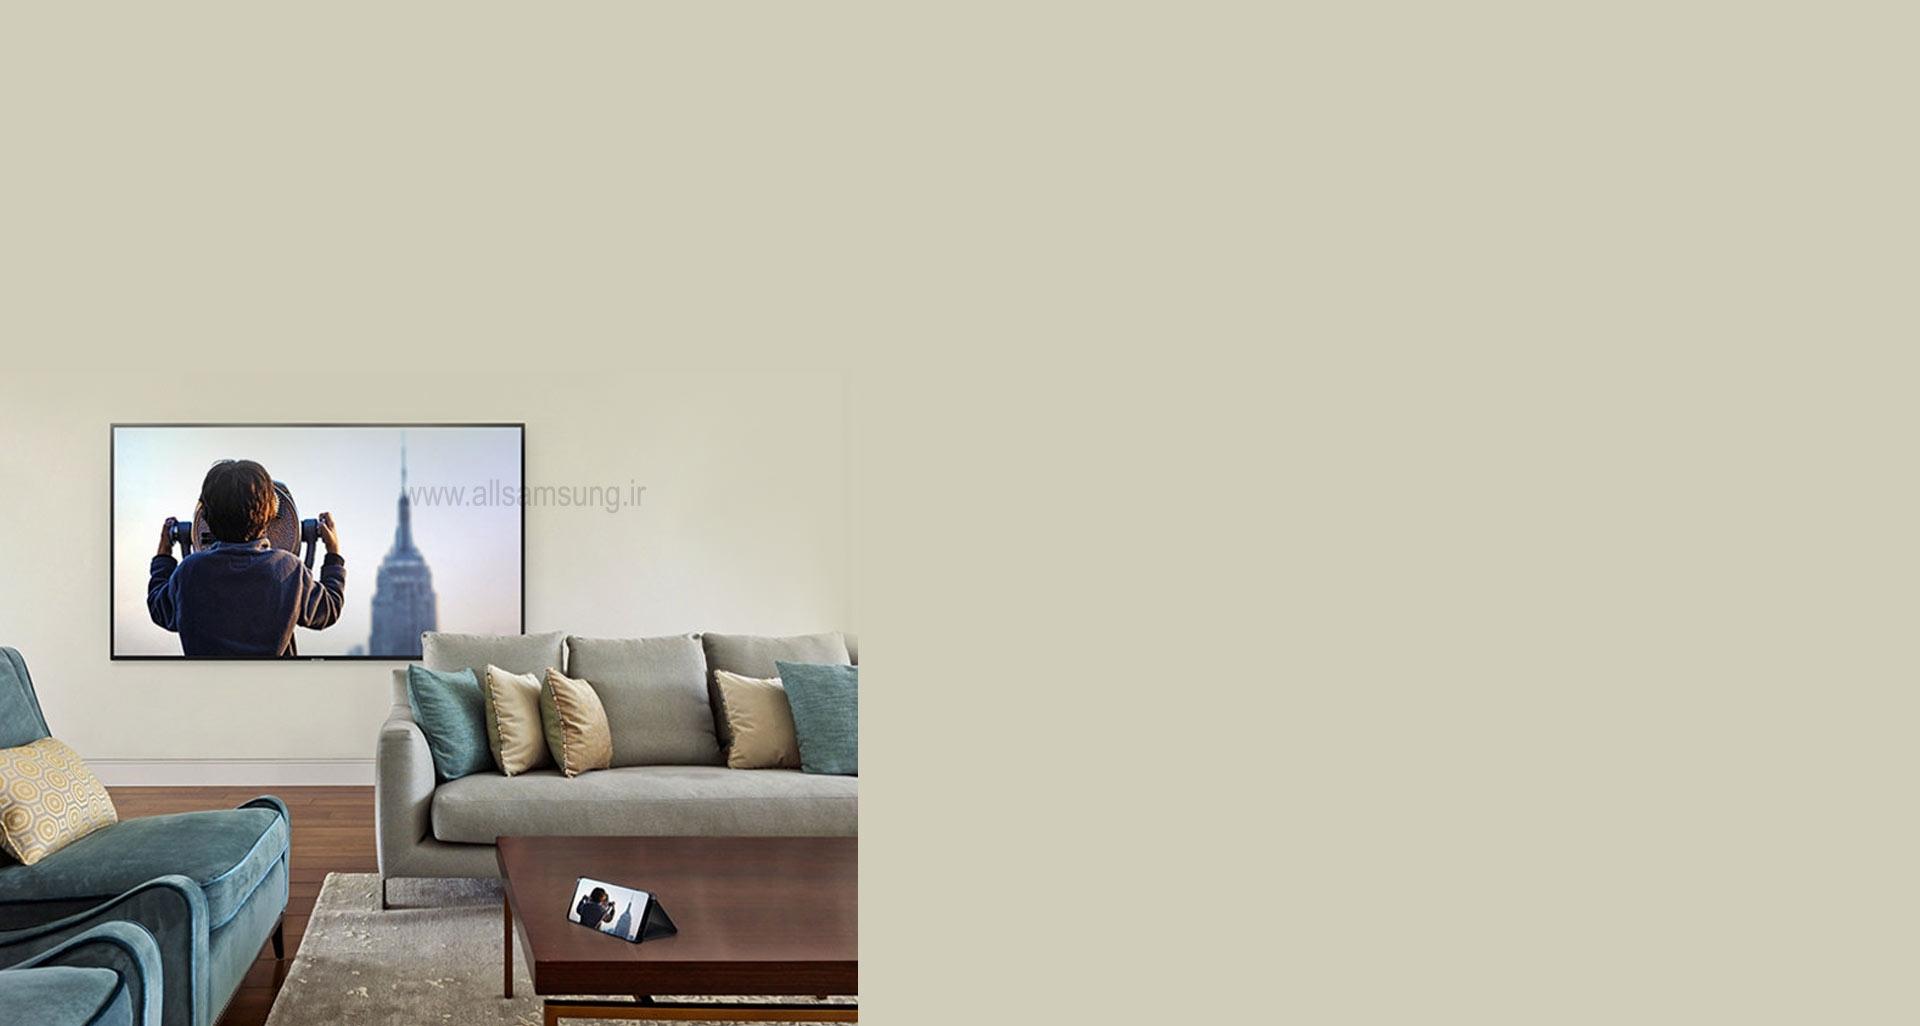 اشتراک گذاری آسان محتوای گوشی با تلویزیون 40 اینچ سامسونگ